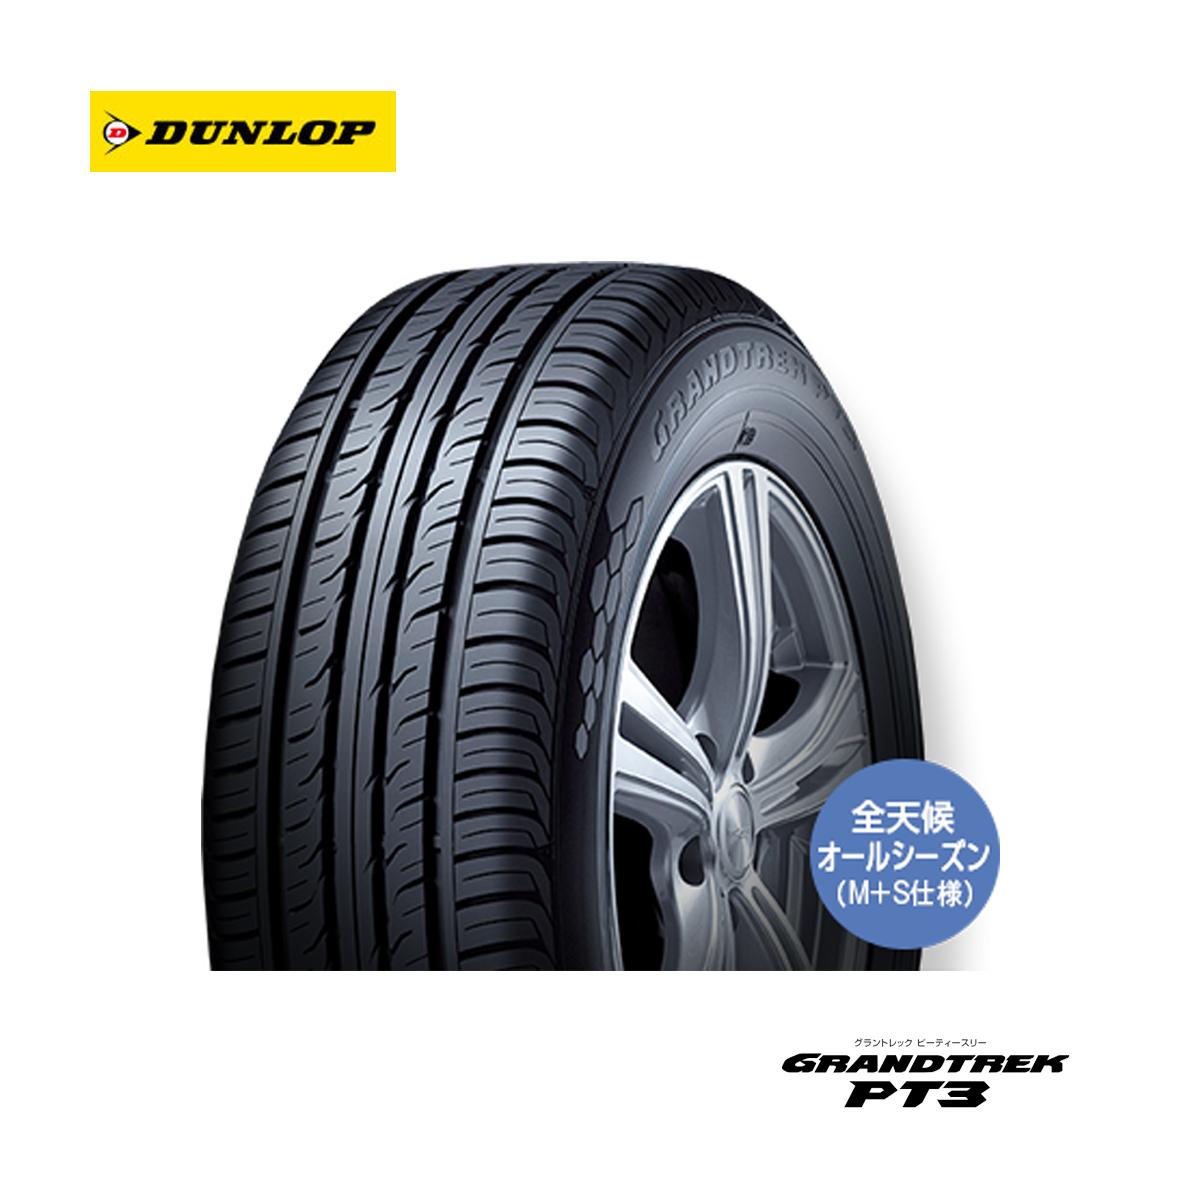 DUNLOP ダンロップ 4WD SUV 4X4 専用 タイヤ 1本 17インチ 225/55R17 GRANDTREK PT3 グラントレック